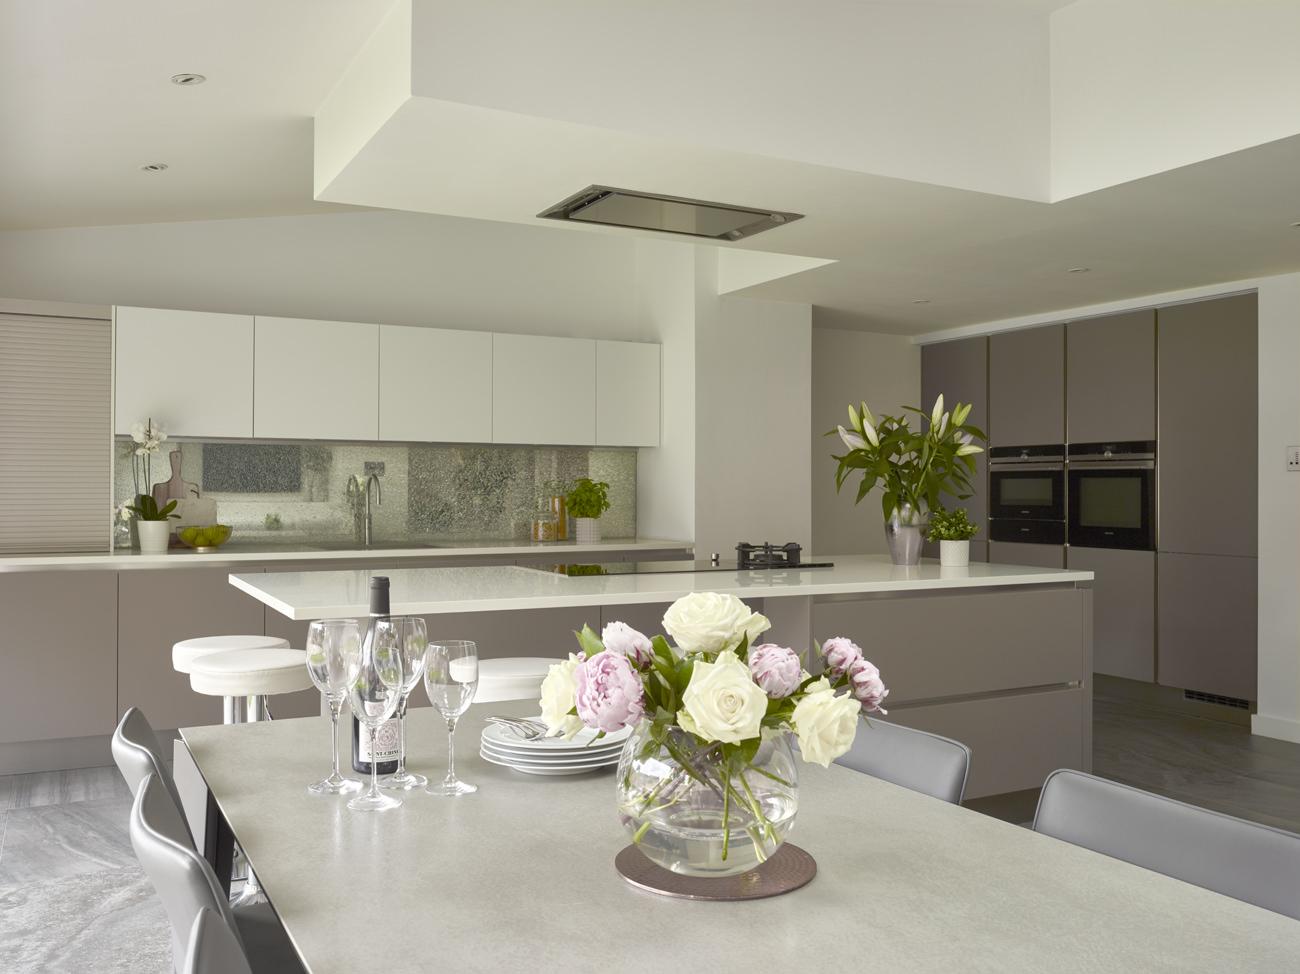 studio-alpa-open-plan-kitchen-2